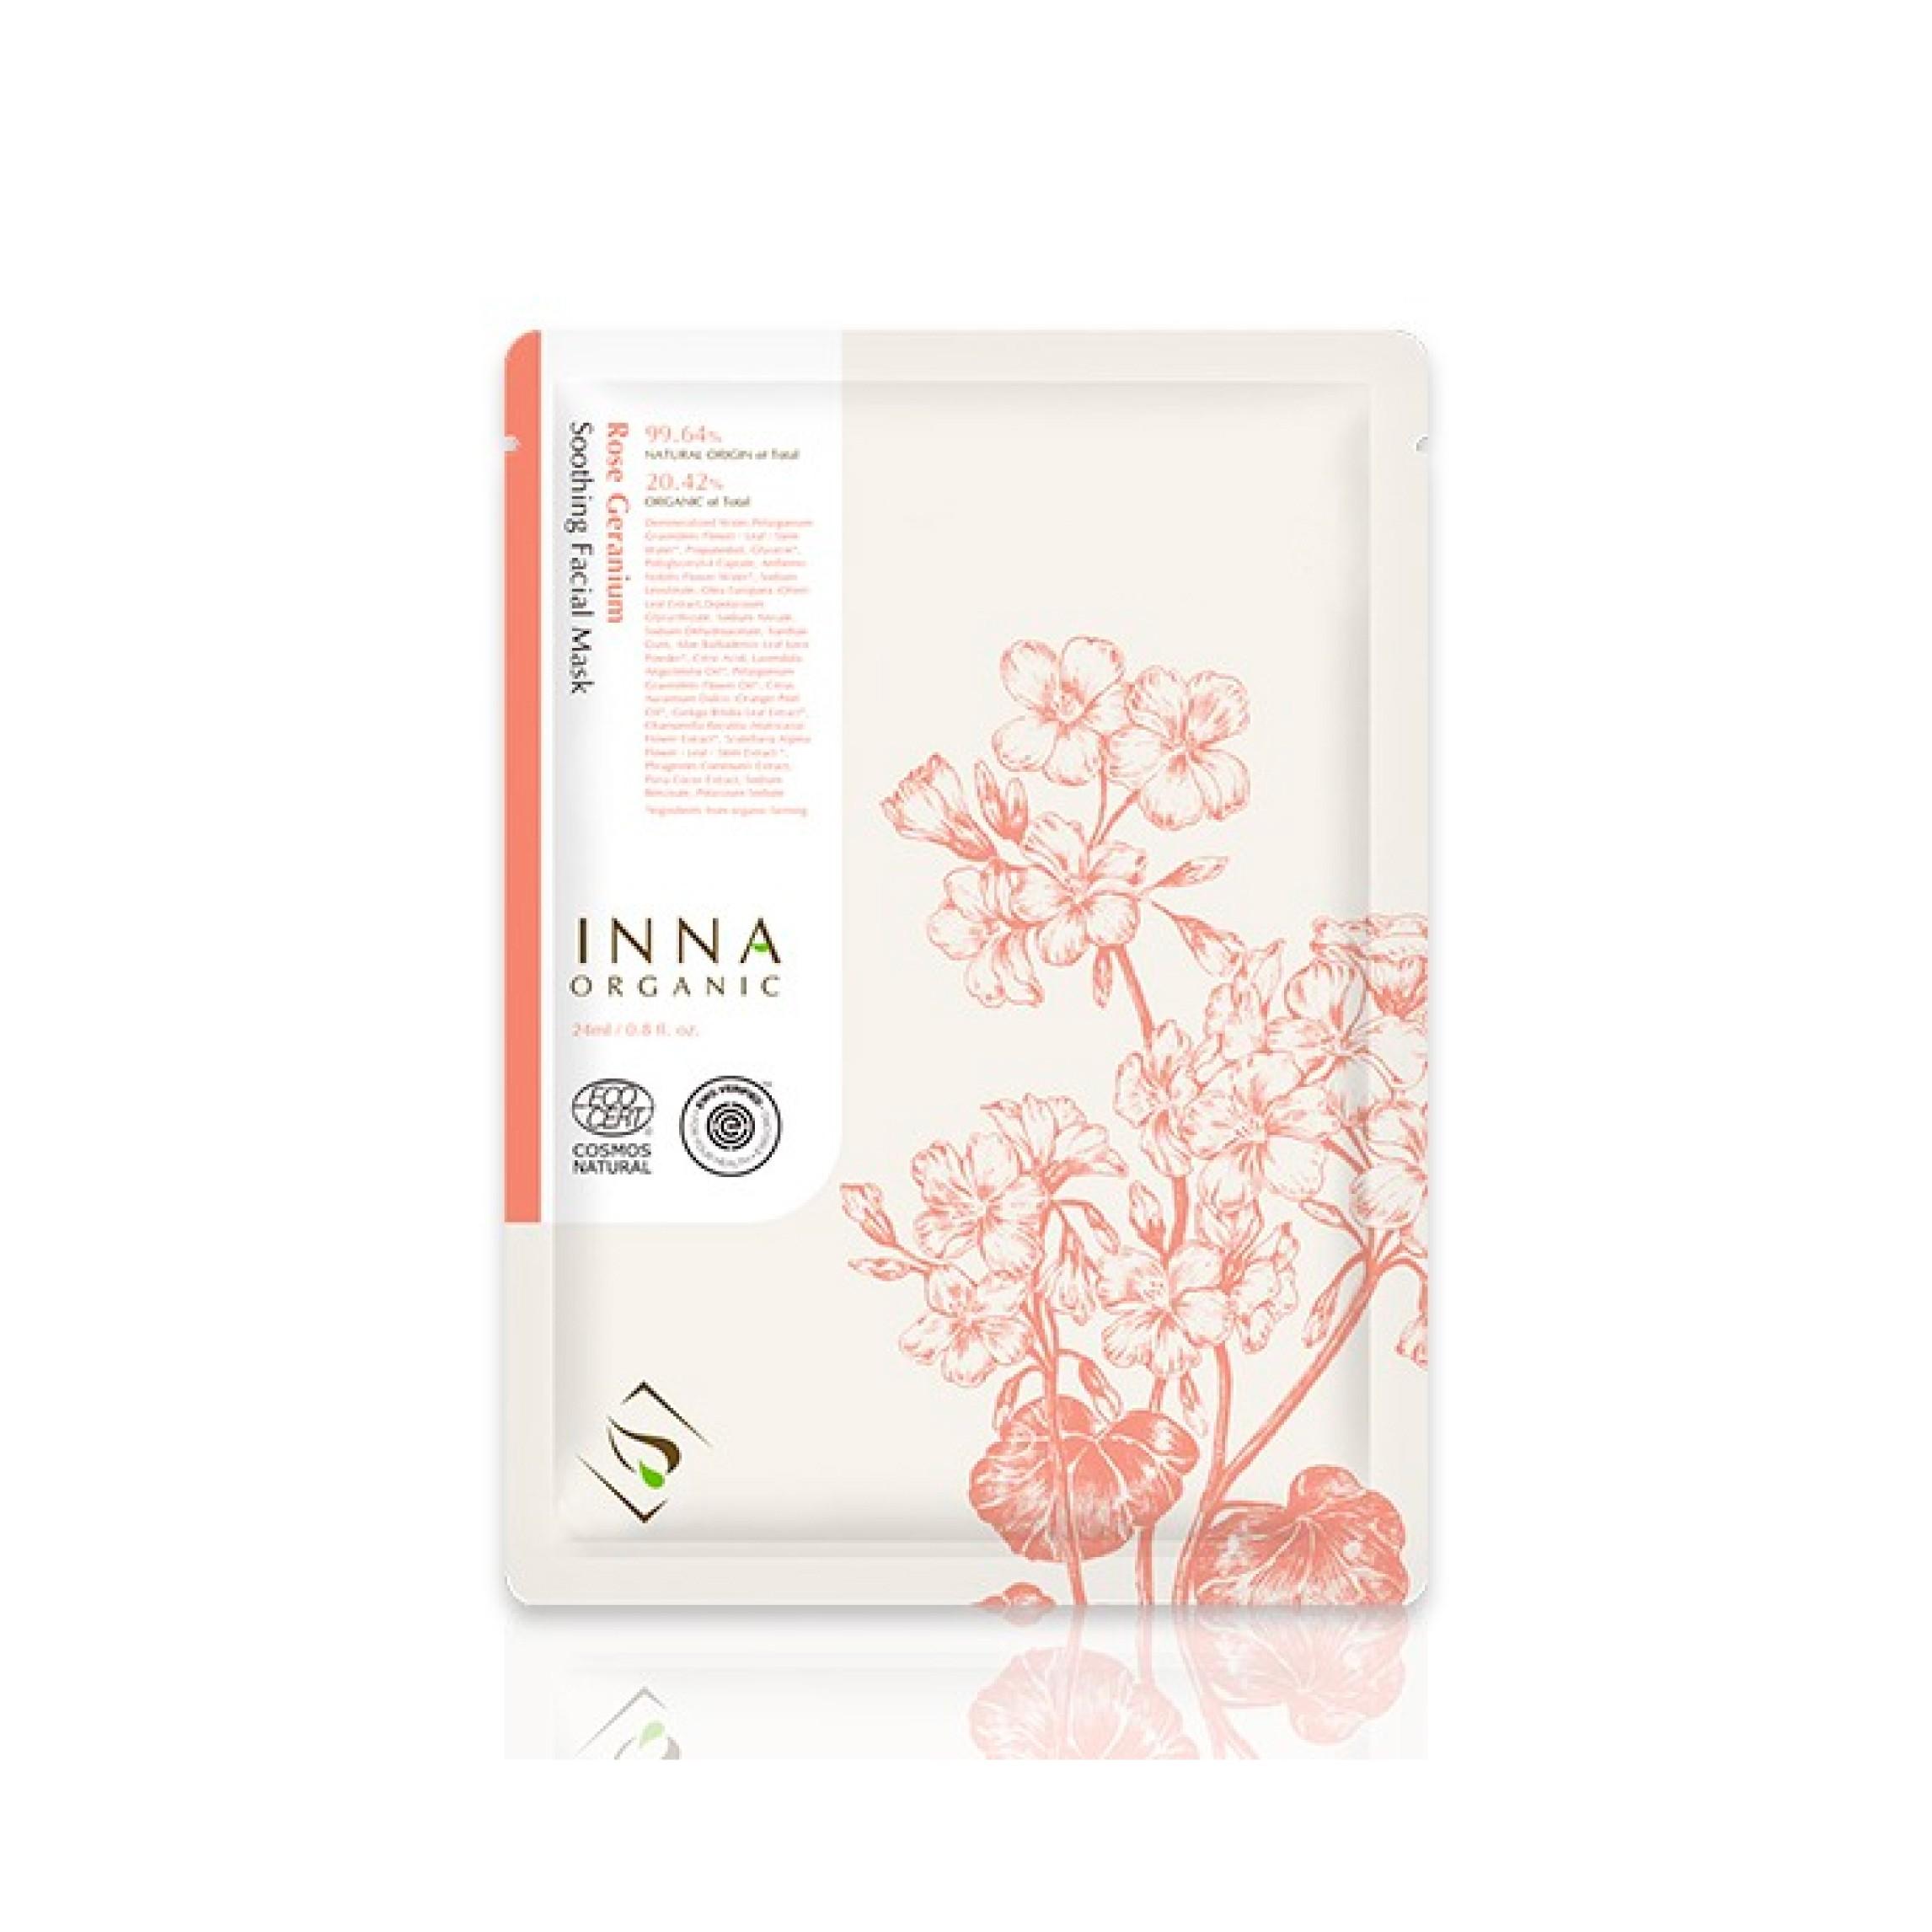 童顏有機  玫瑰天竺葵修護舒敏隱形面膜 ( 5入 )